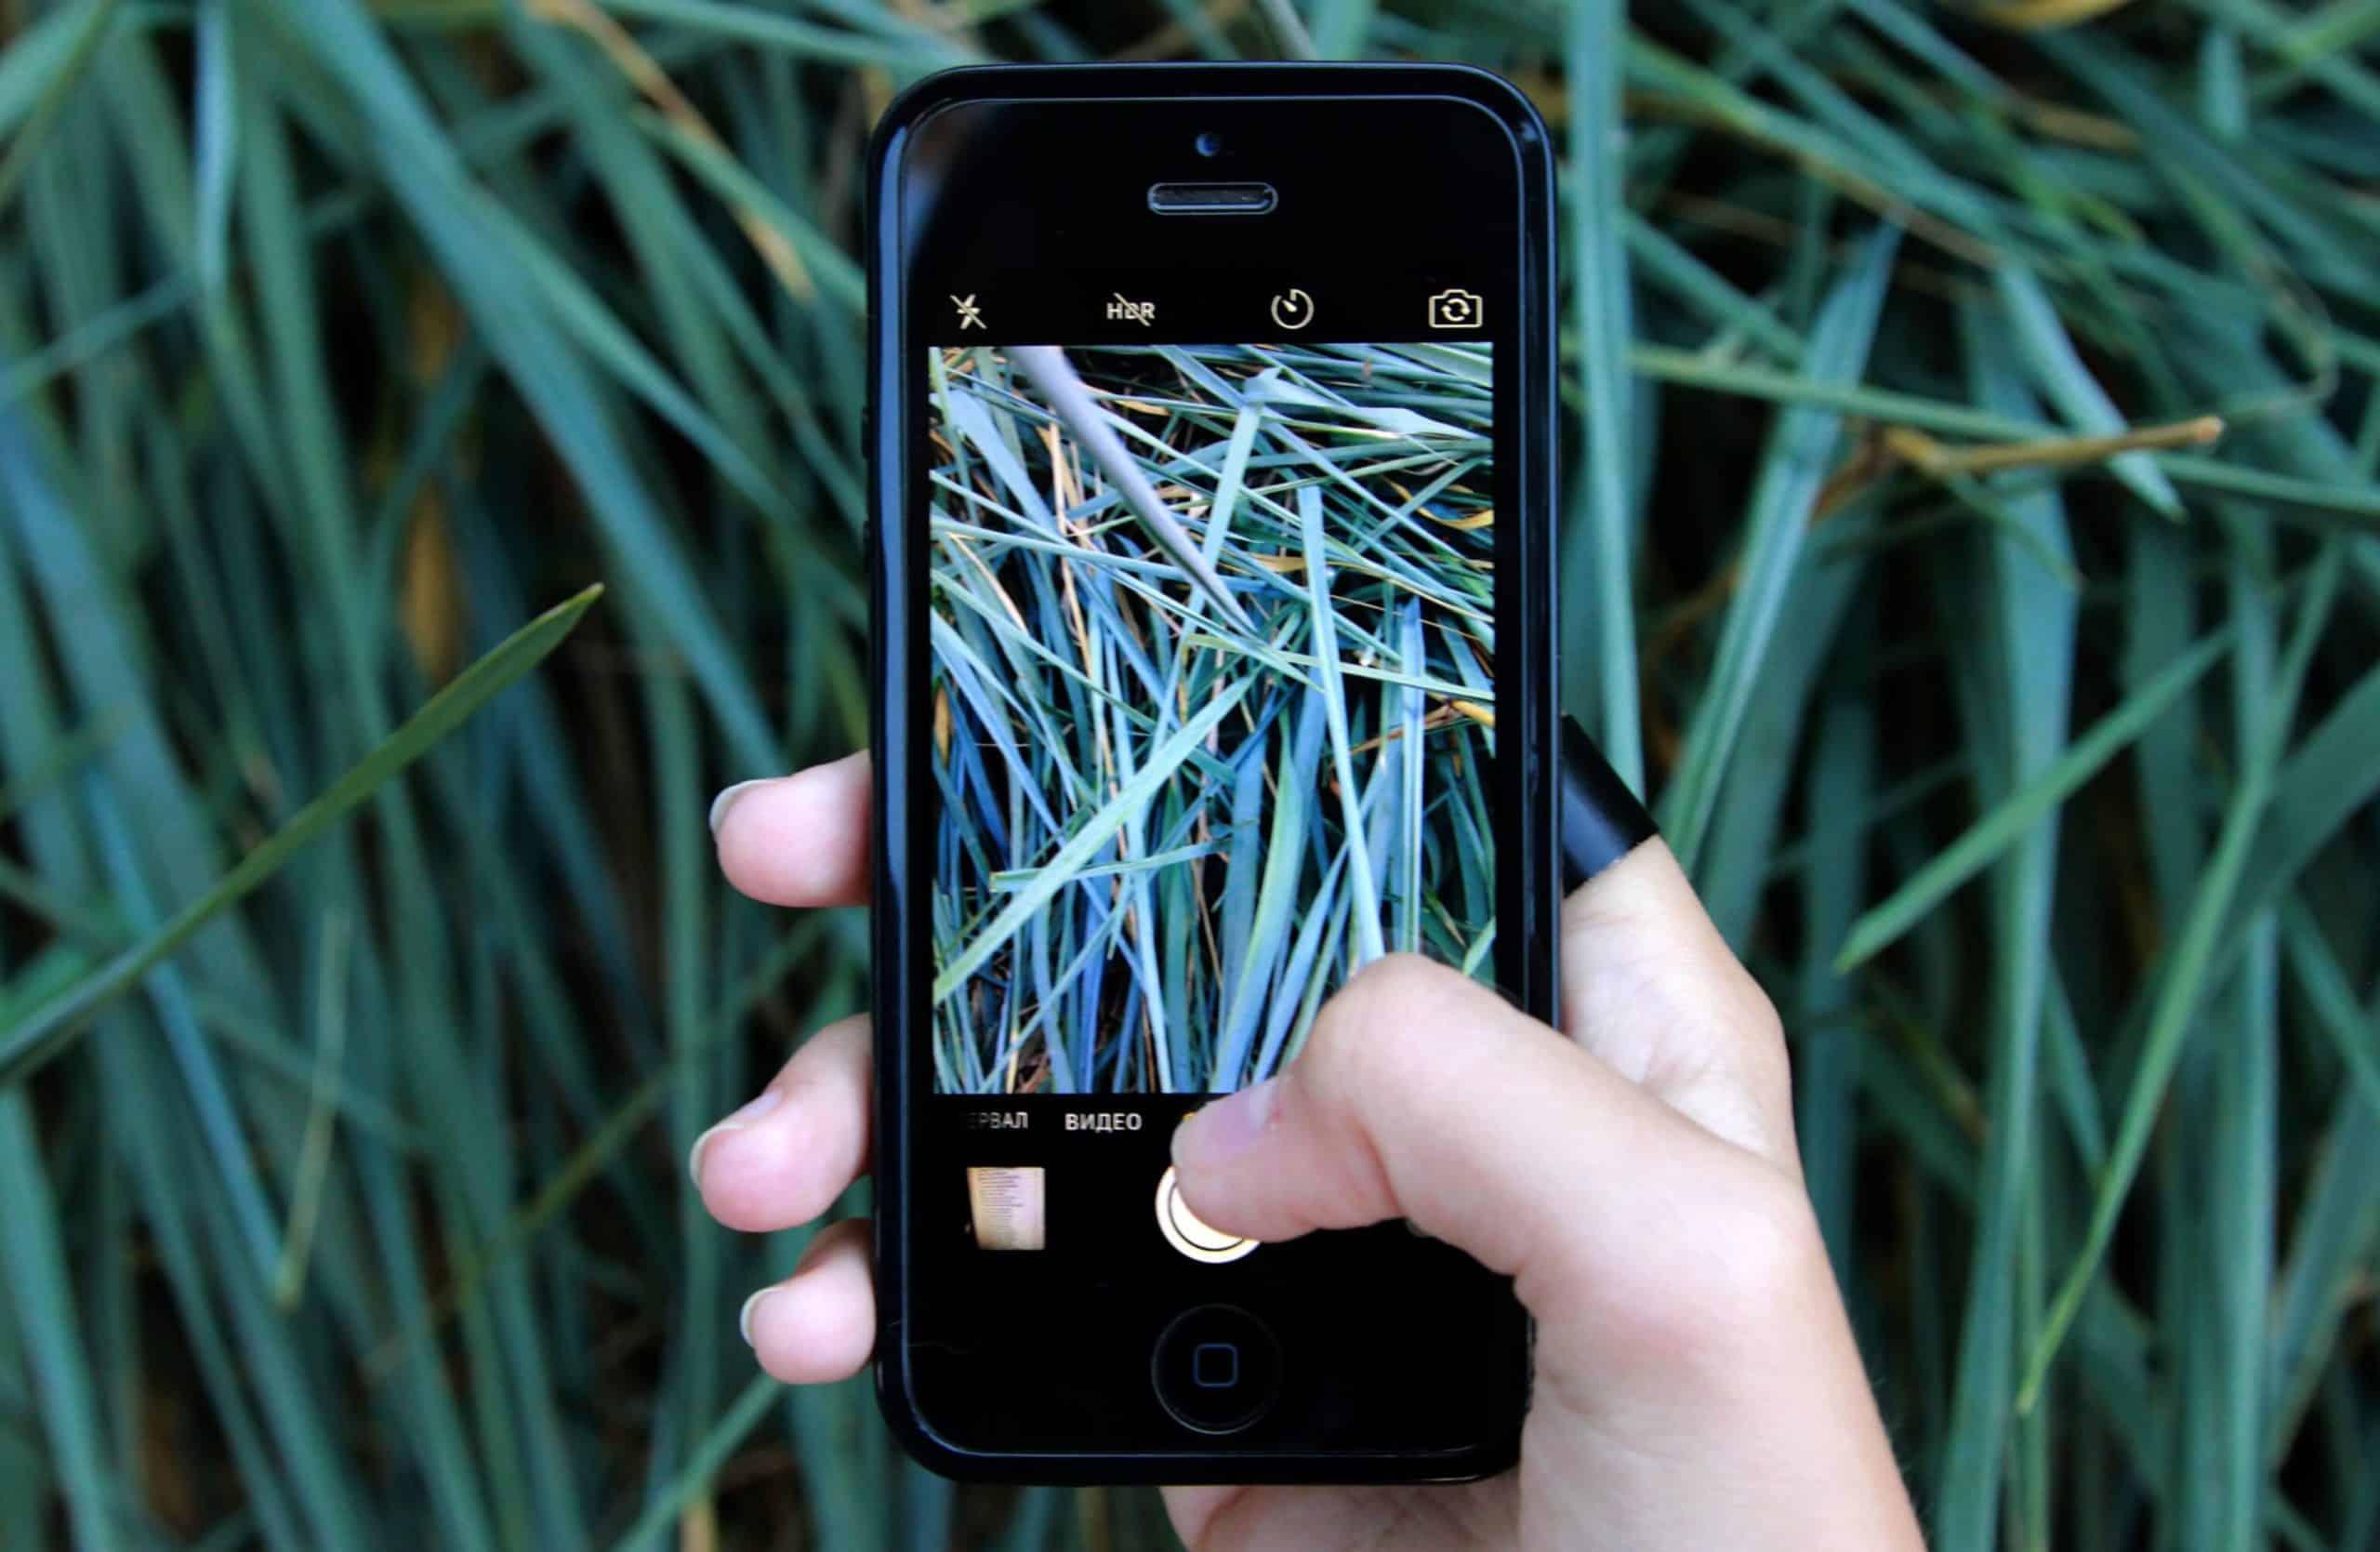 Bilder Von Iphone Löschen Kostenlos